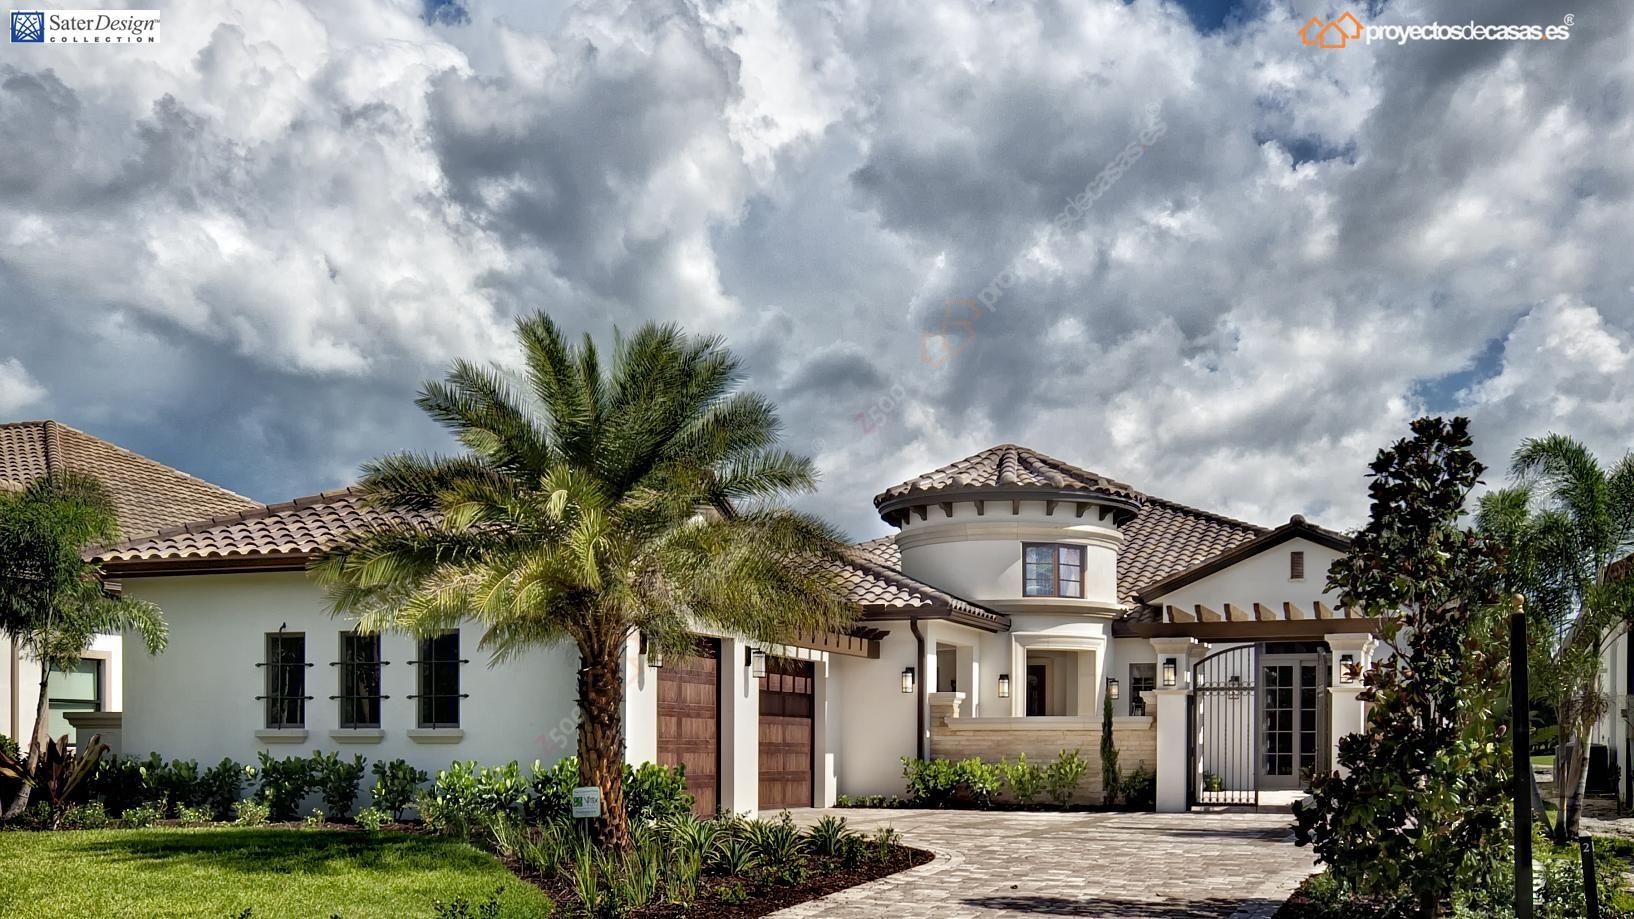 Proyectos de casas marbella casa de lujo estilo toscana - Casas americanas en espana ...